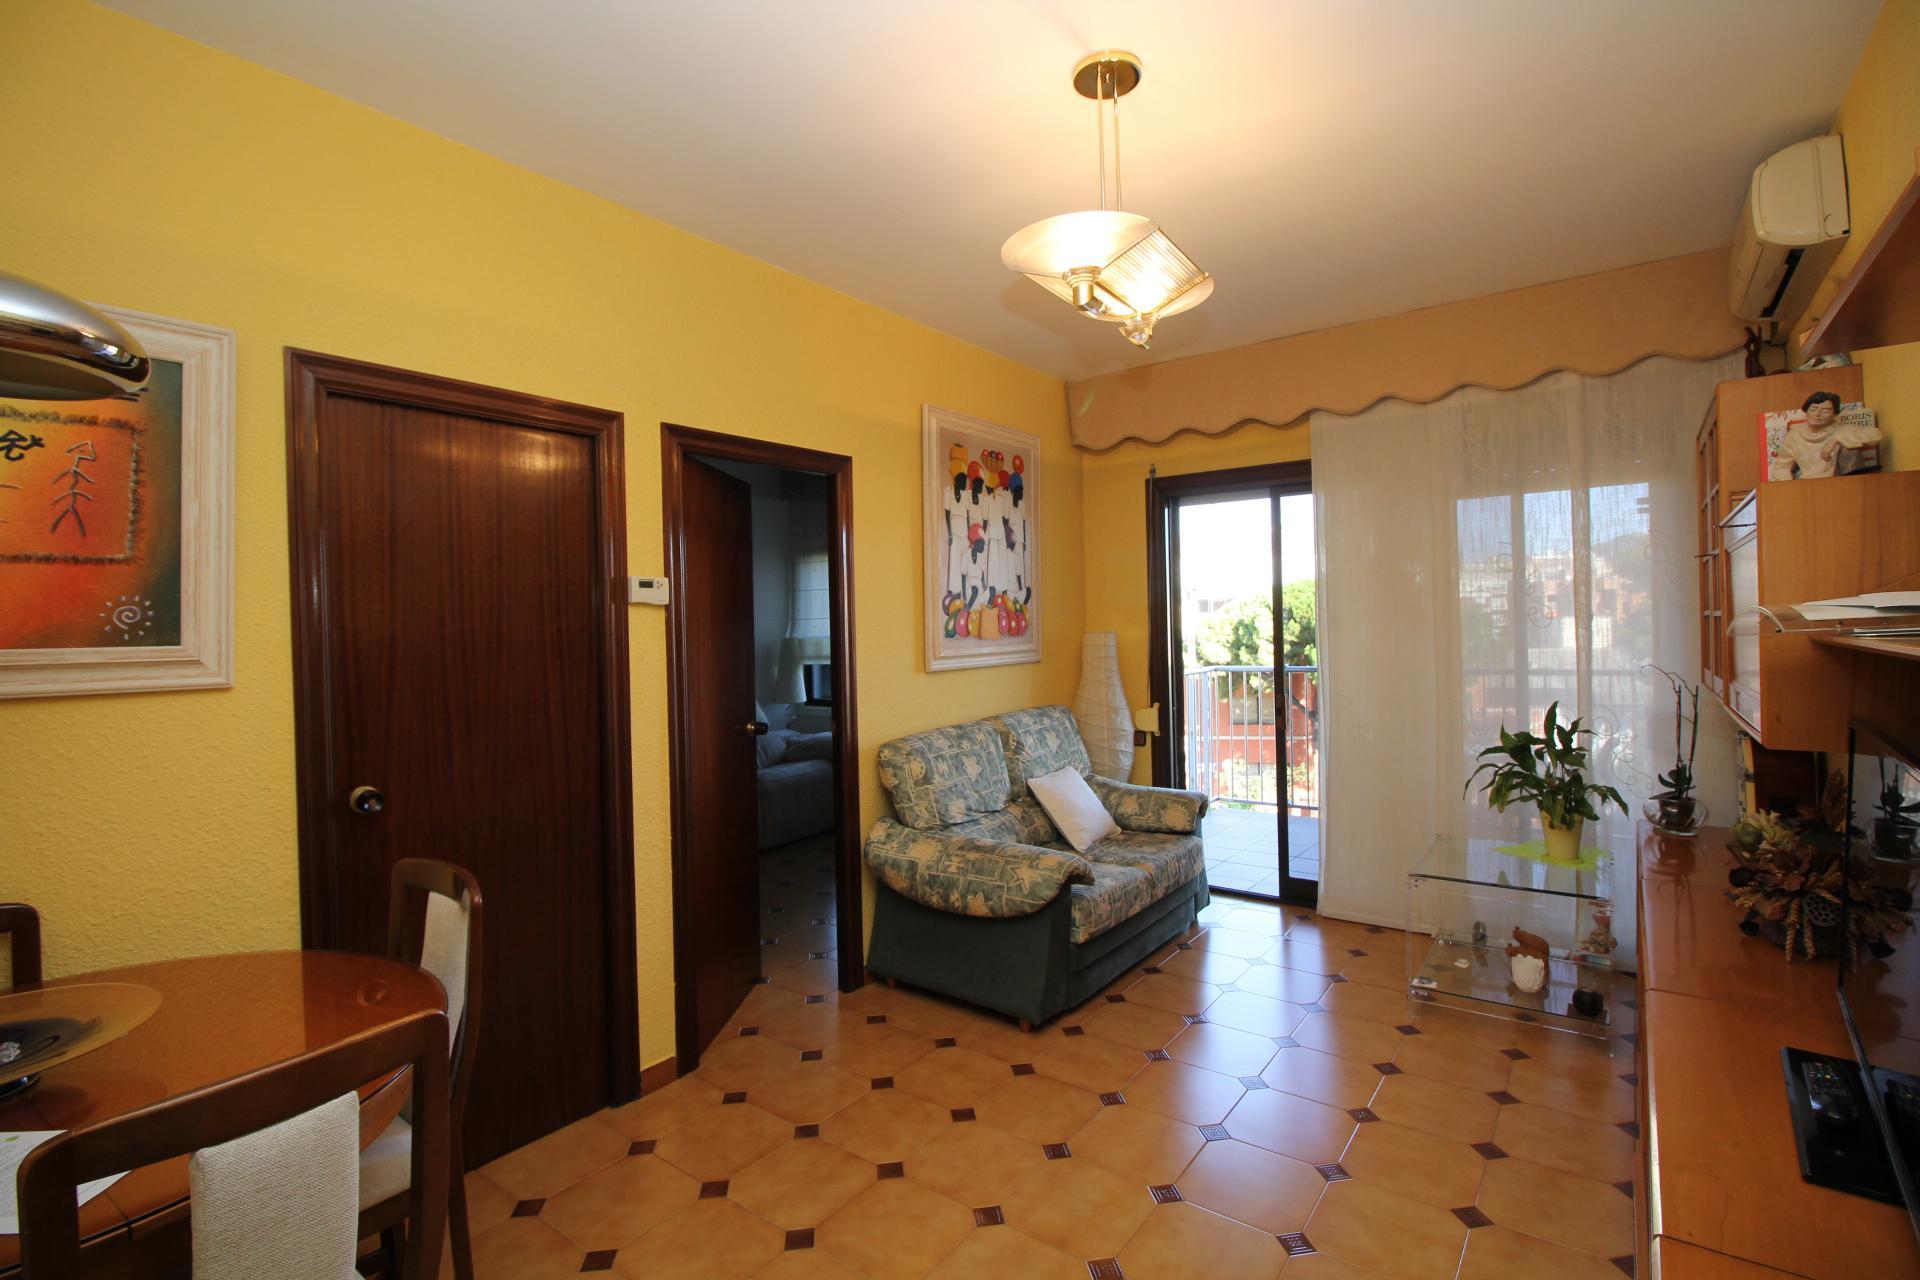 Imagen 3 Piso en venta en Esplugues De Llobregat / Carretera Cornella ,cerca del mercado